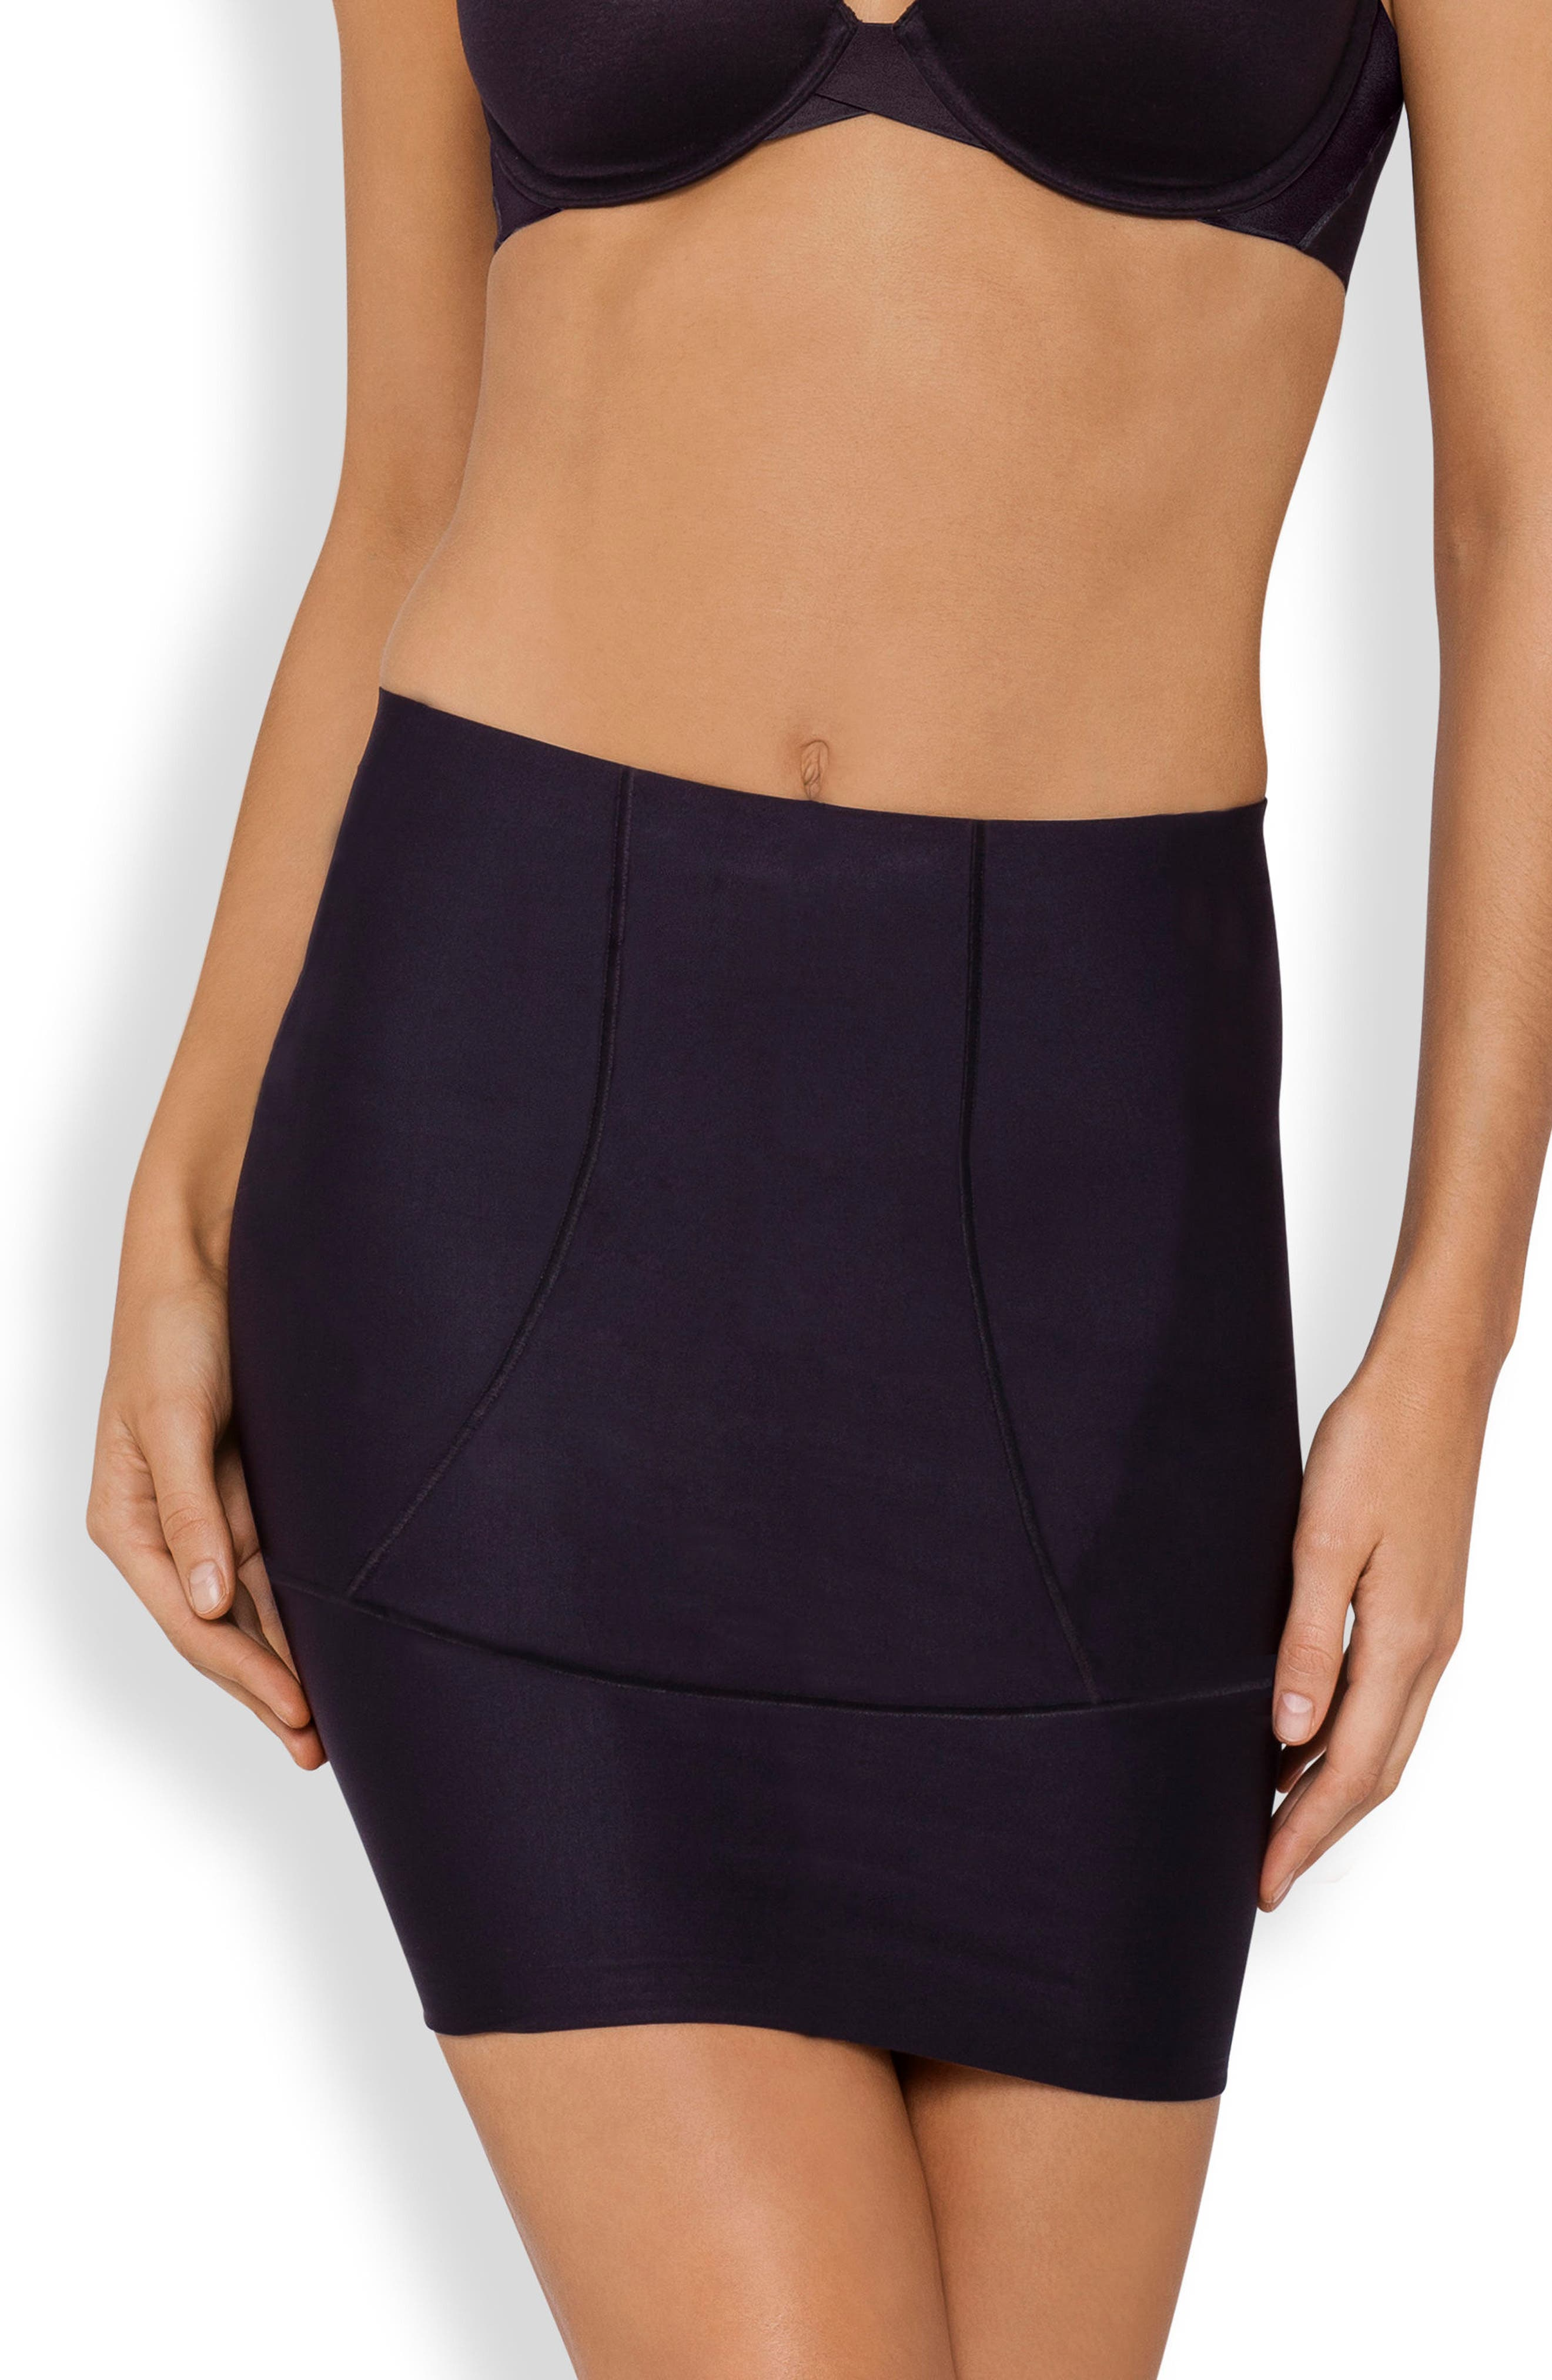 Body Architect Shaper Slip Skirt in Black